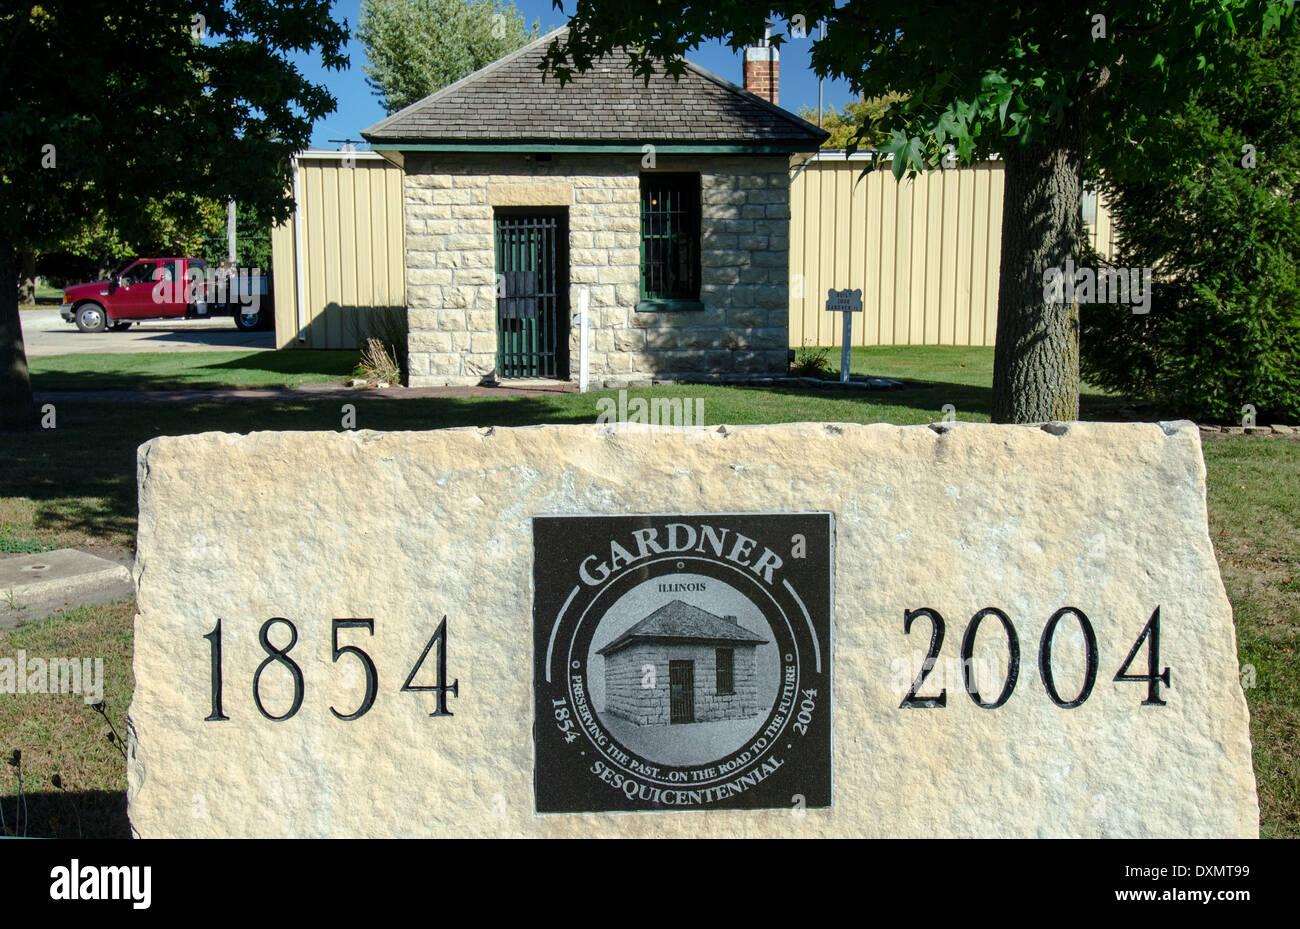 Il carcere Two-Cell, costruito nel 1906, è una popolare attrazione di Gardner, Illinois, una città lungo la Route 66. Immagini Stock